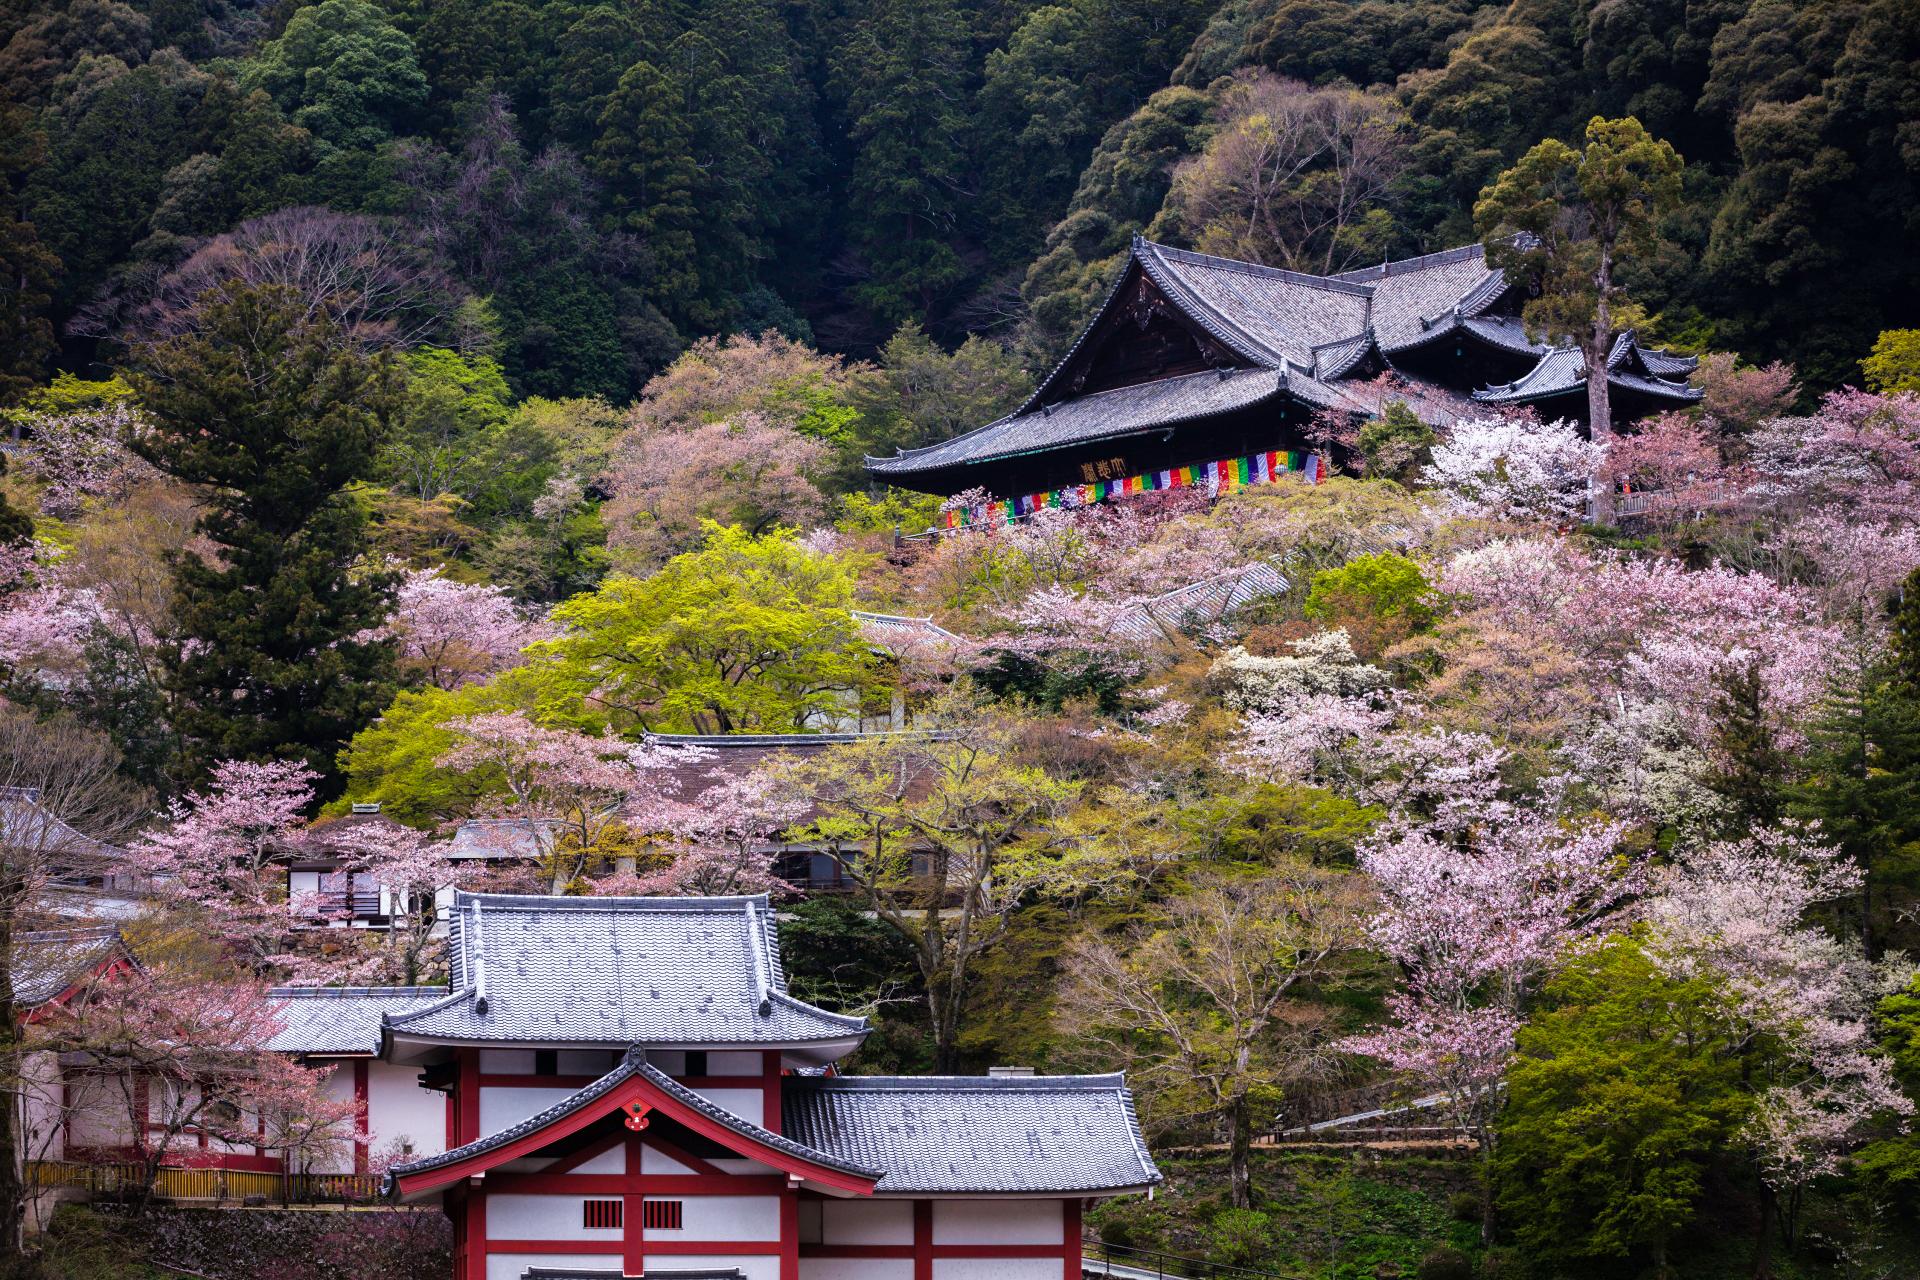 4014274_m 奈良県  長谷寺(境内に約1000本もの桜が咲き誇る春におすすめ桜スポット! 写真の紹介、アクセス情報や駐車場情報など)